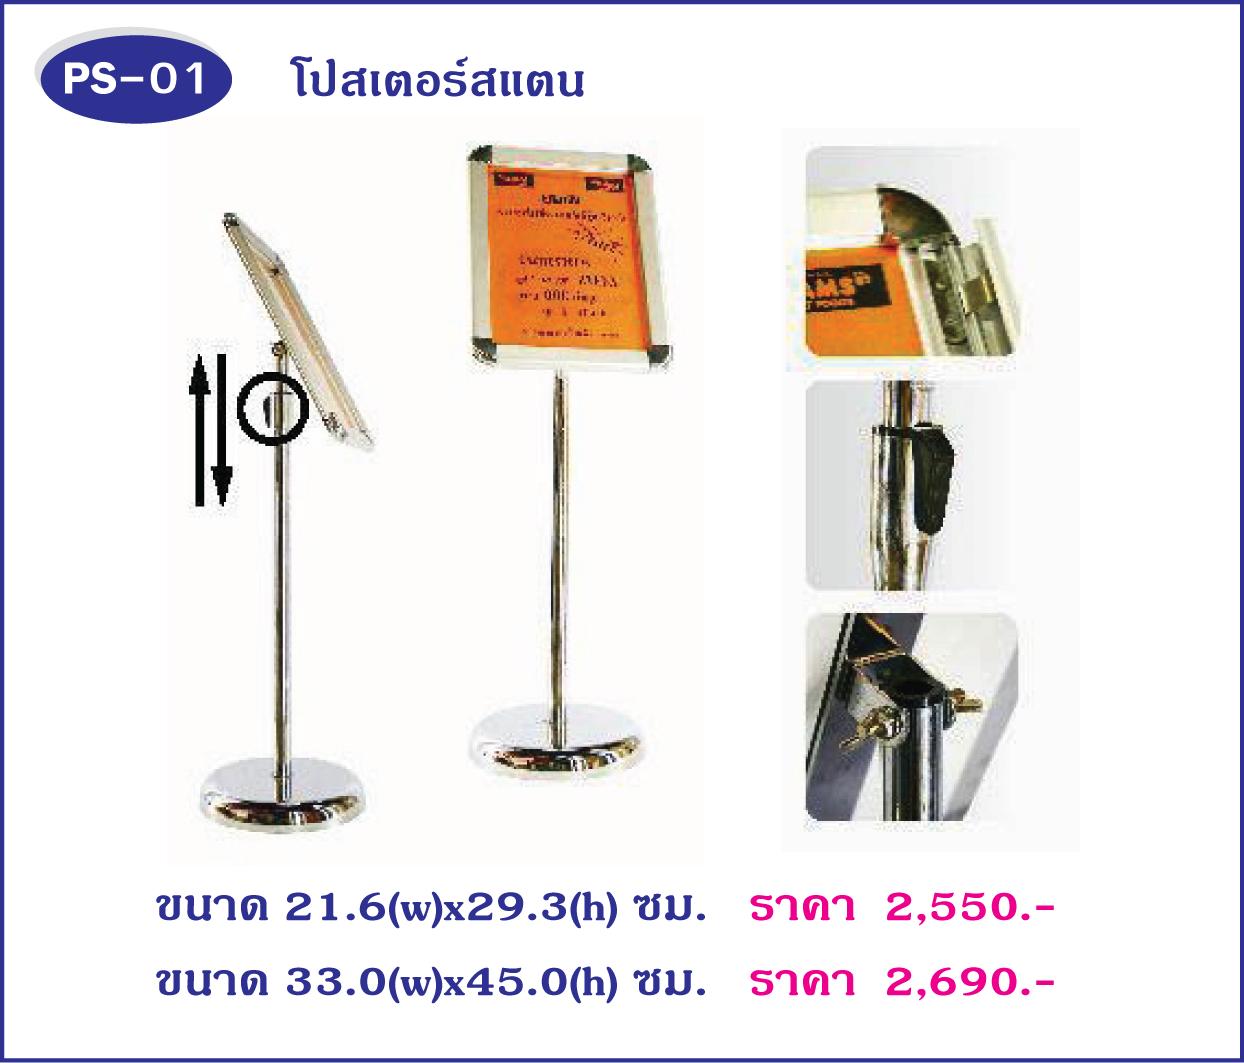 กรอบโปสเตอร์,กรอบใส่ภาพ,เฟรมใส่ภาพ,Poster Frame,Poster stand,PS01